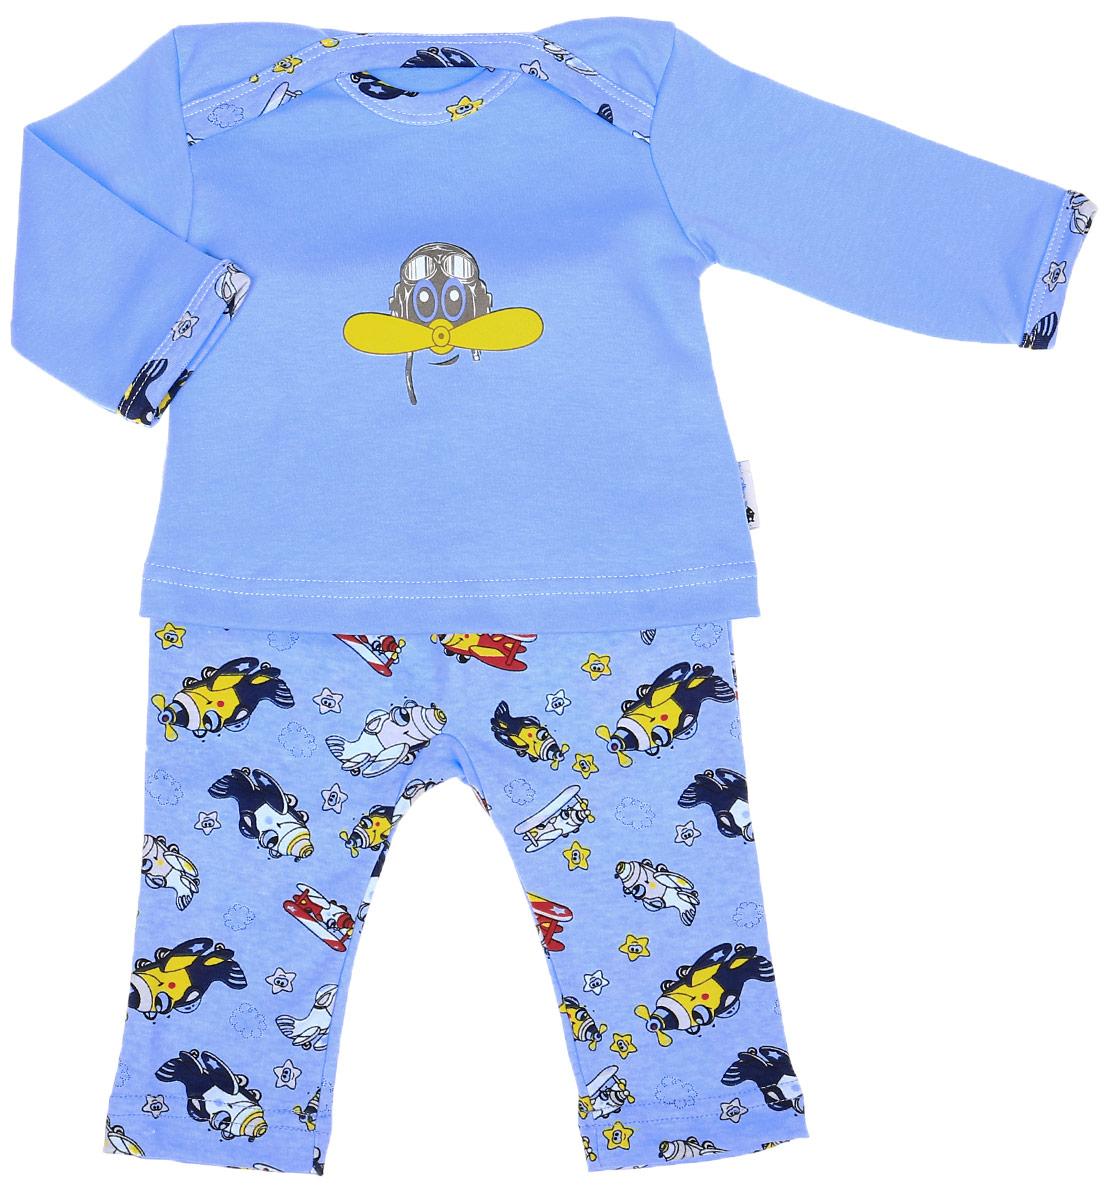 Комплект для мальчика Клякса Самолет: футболка с длинным рукавом, штанишки, цвет: голубой. 37К-2366. Размер 5637К-2366Комплект для мальчика Клякса Самолет, изготовленный из натурального хлопка, состоит из футболки с длинным рукавом и штанишек. Футболка с круглым вырезом горловины и длинными рукавами имеет удобные запахи на плечах. Штанишки с завышенной линией талии имеют мягкий эластичный пояс. Комплект оформлен принтом.